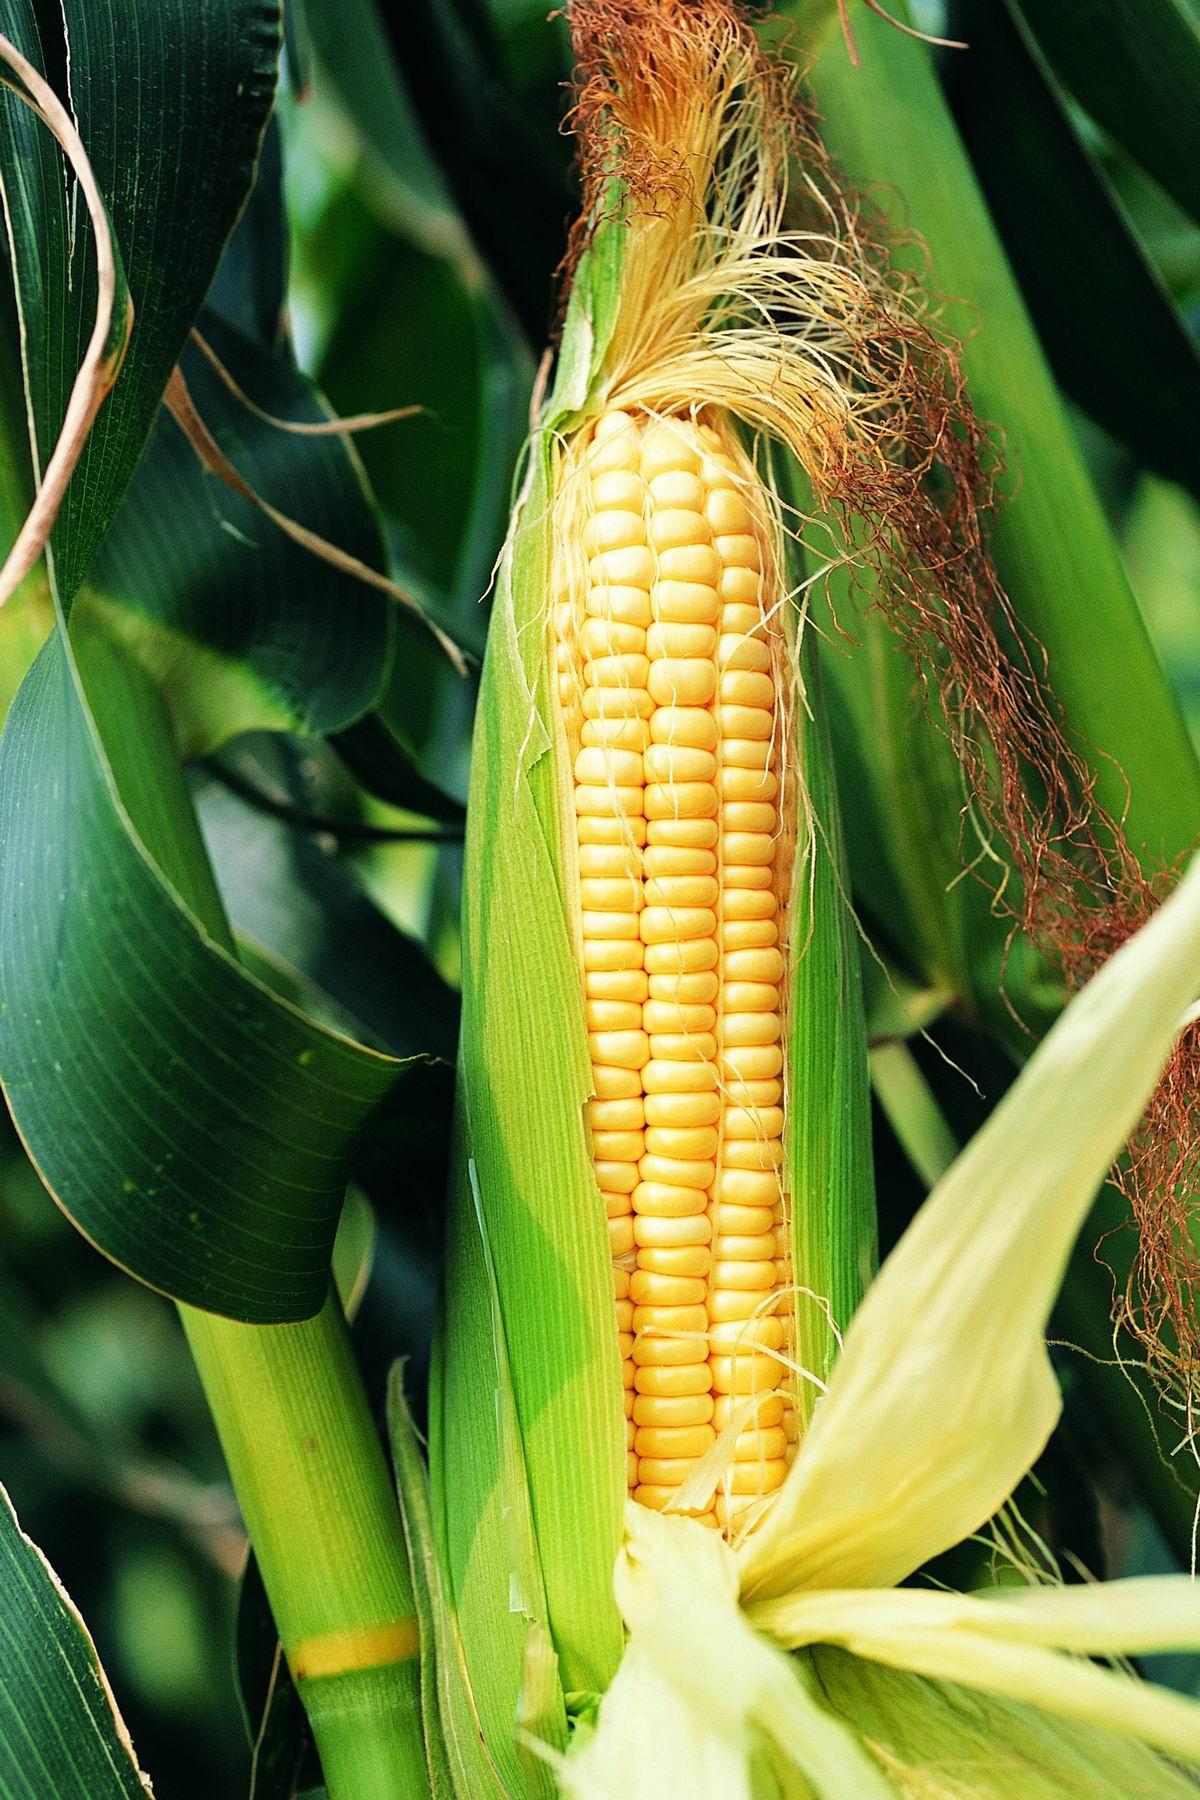 德国之声:粮食价格上涨恐引发全球动荡